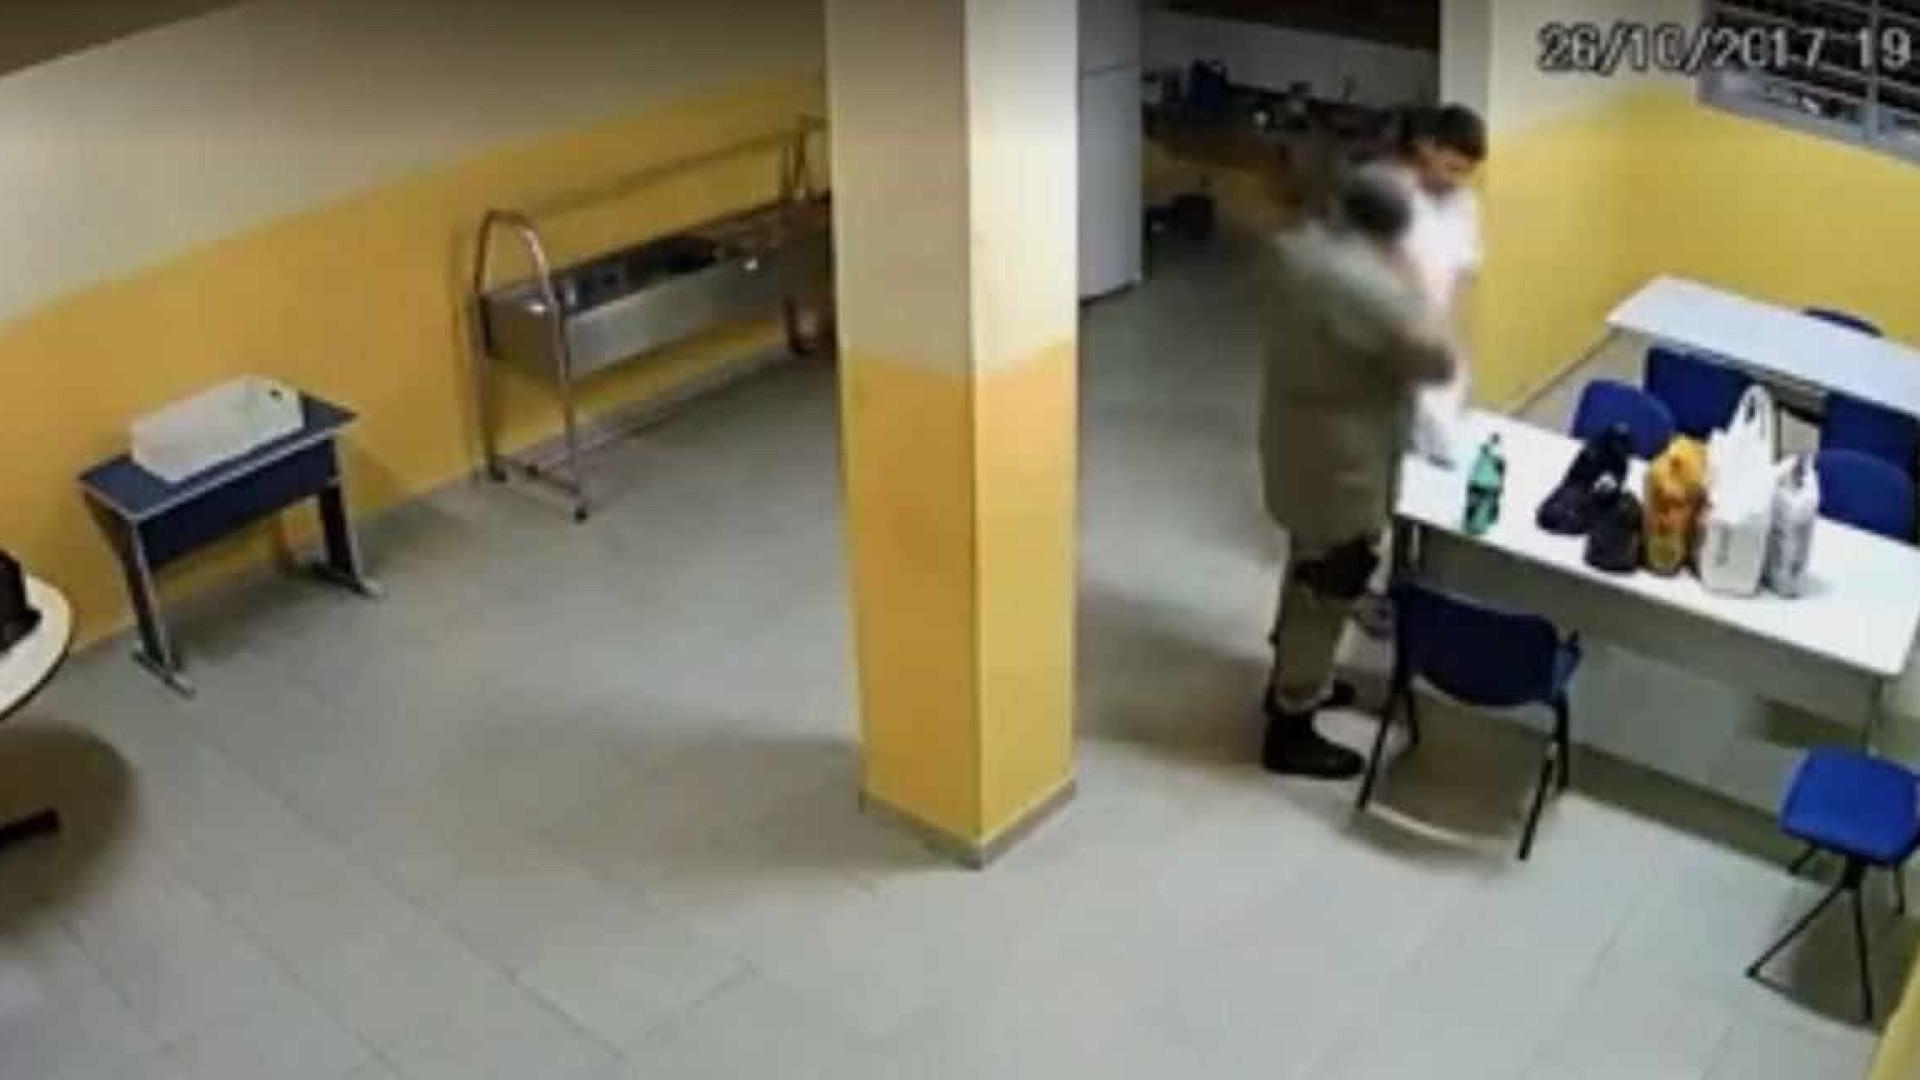 Preso pede tele-entrega de comida em presídio de segurança máxima